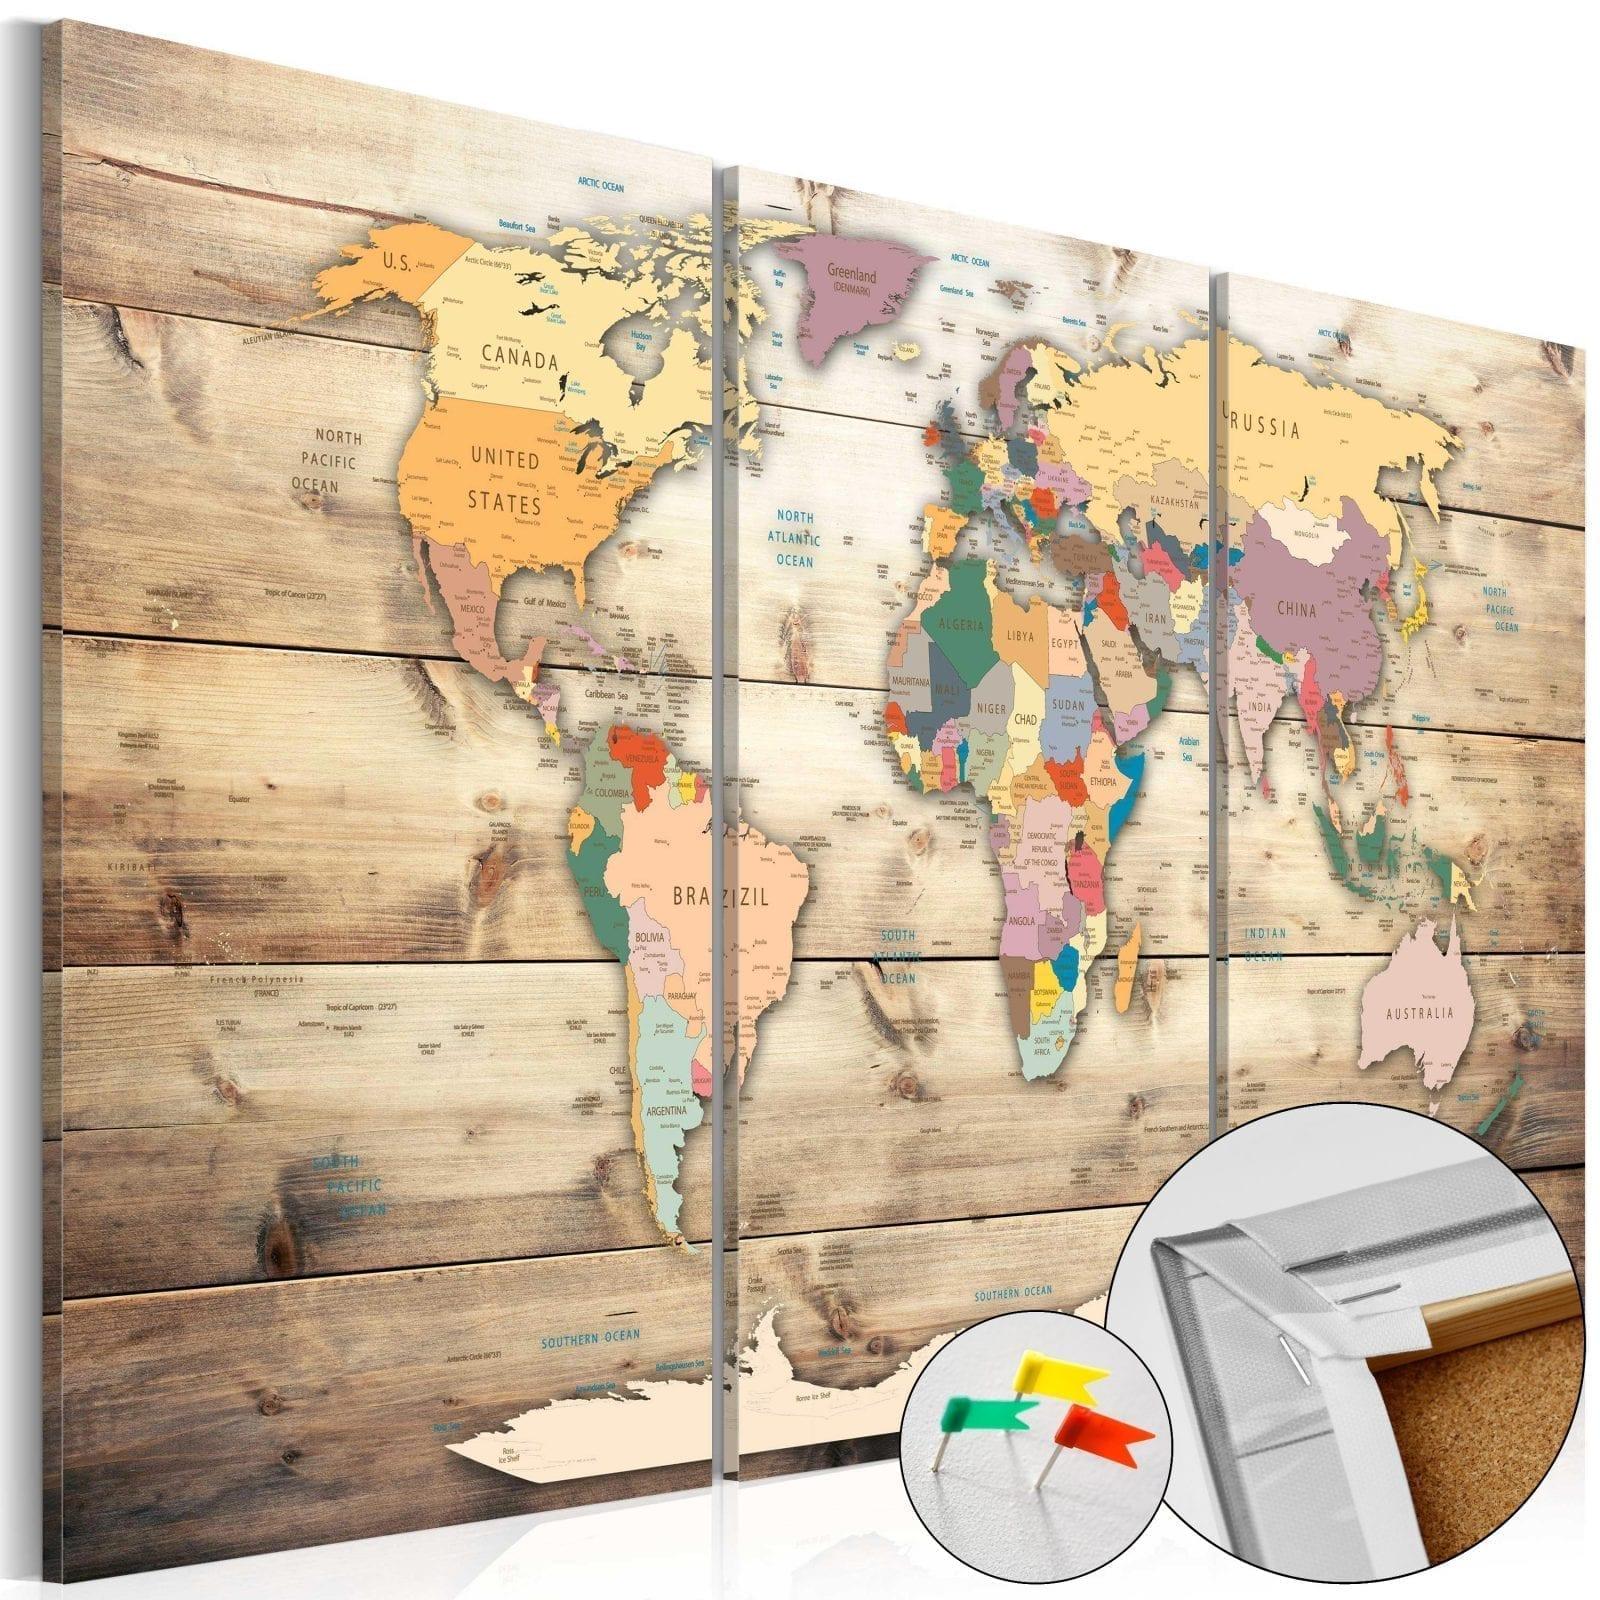 Tablero de corcho - Map of Dreams 1 | Potspintura.com